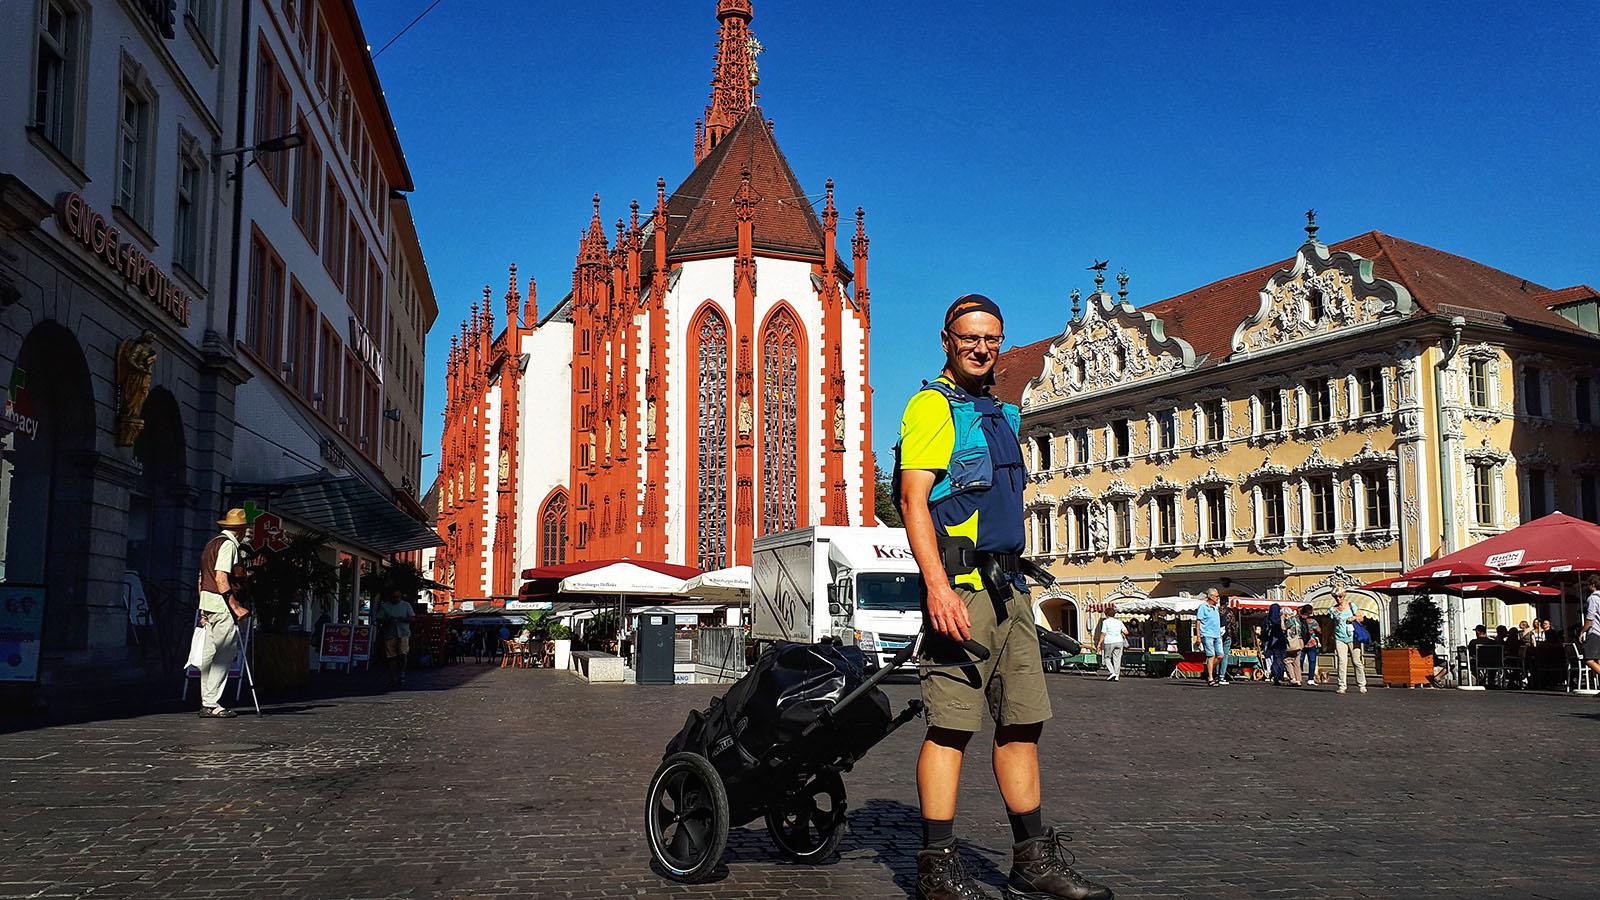 Platz in Würzburg